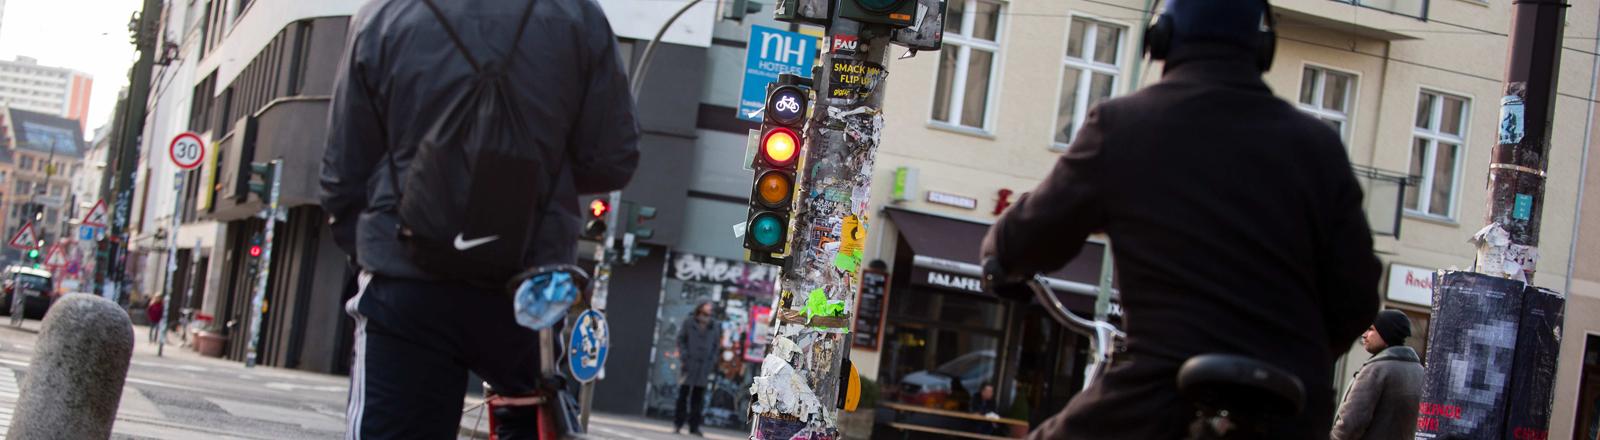 Fahrradfahrer an roter Ampel